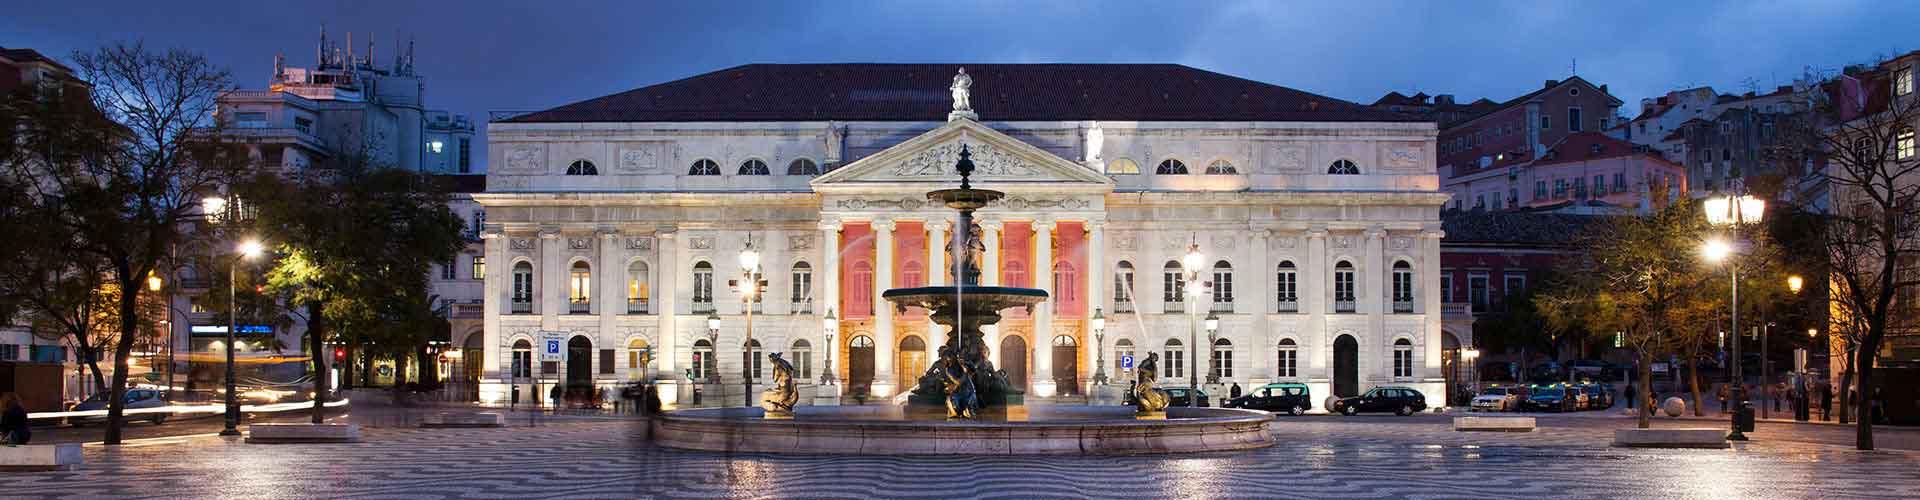 Lisbonne - Hôtels près de Rossio avec Teatro Nacional D. Maria II. Cartes pour Lisbonne, photos et commentaires pour chaque Hôtel à Lisbonne.